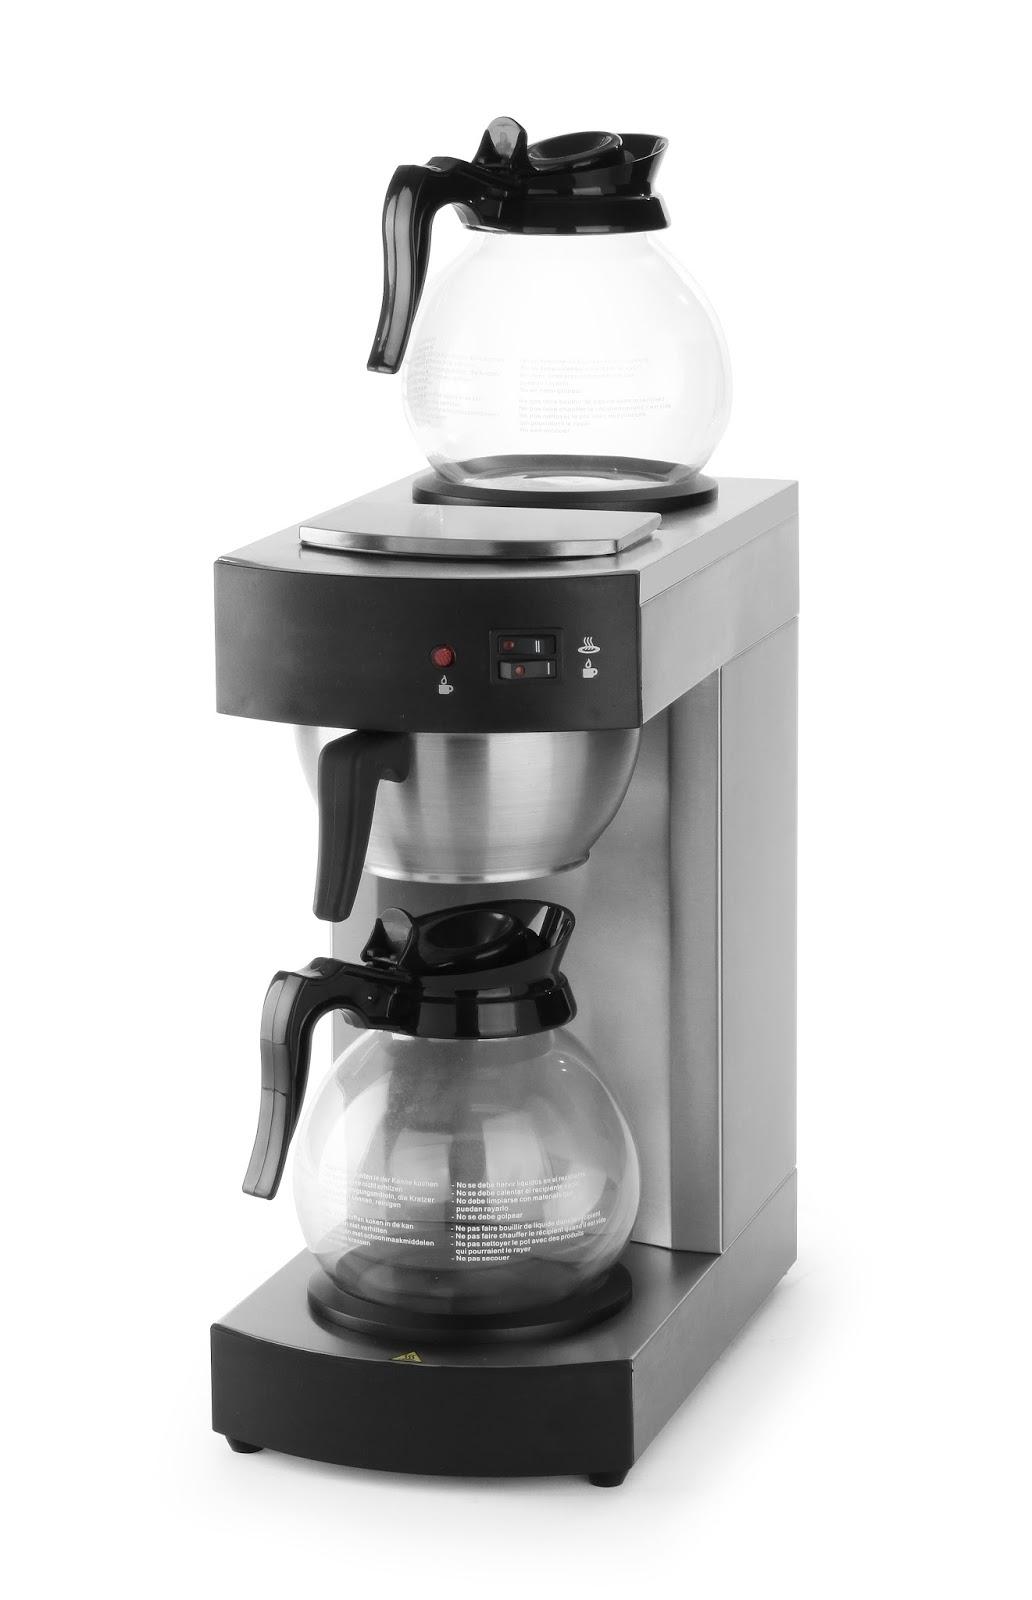 Filtre Cafea Profesionale, Filtru Cafea Cu Suport Cana Si Carcasa Din Otel Inoxidabil, Filtru Cafea Cu Doua Plite, Pret, Produse Profesionale Horeca